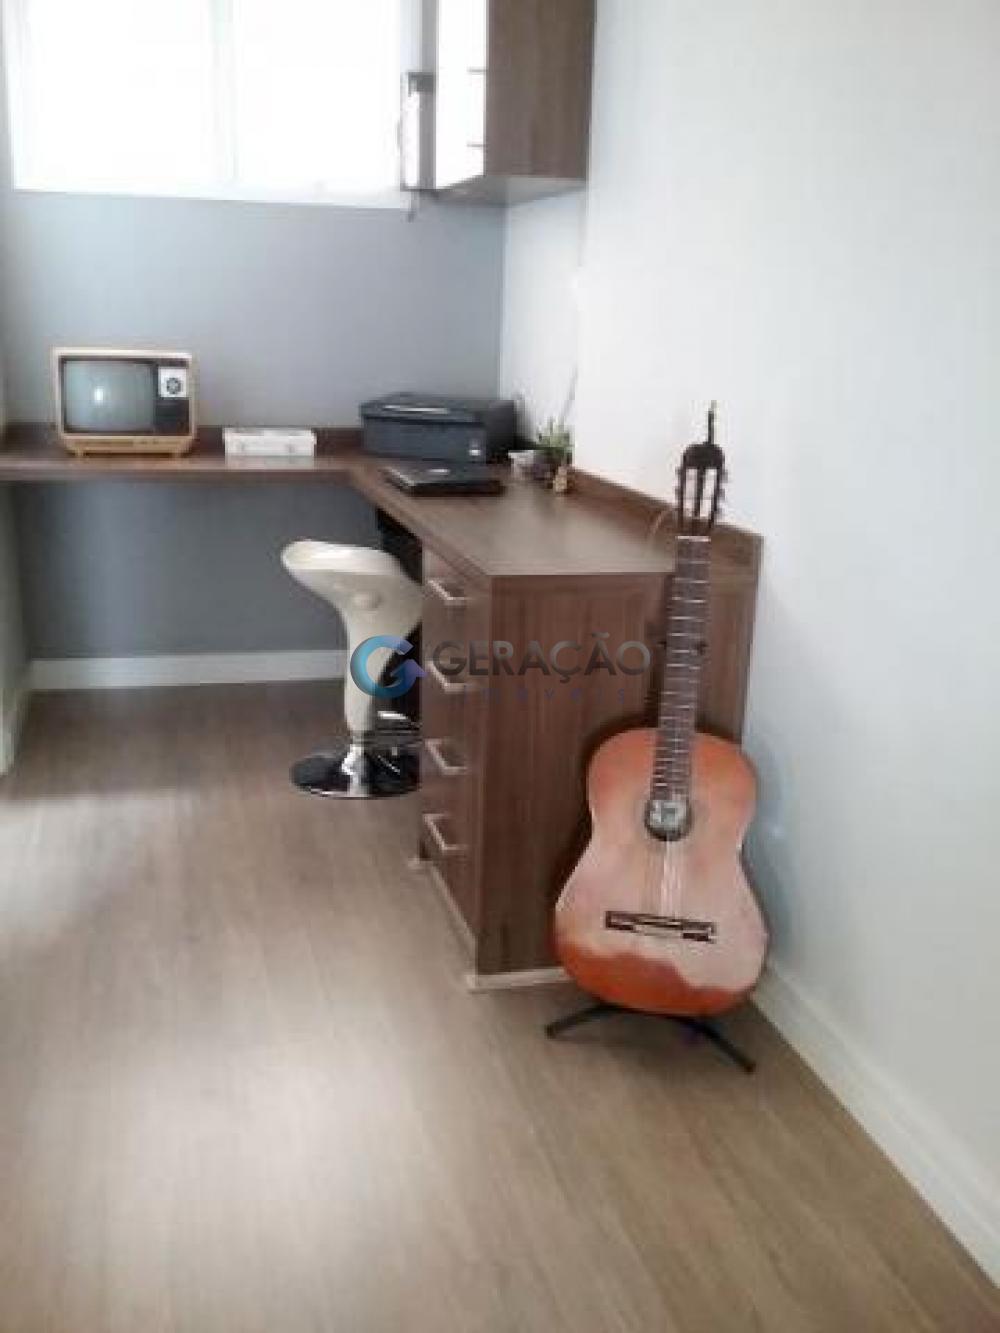 Comprar Apartamento / Padrão em São José dos Campos apenas R$ 840.000,00 - Foto 2